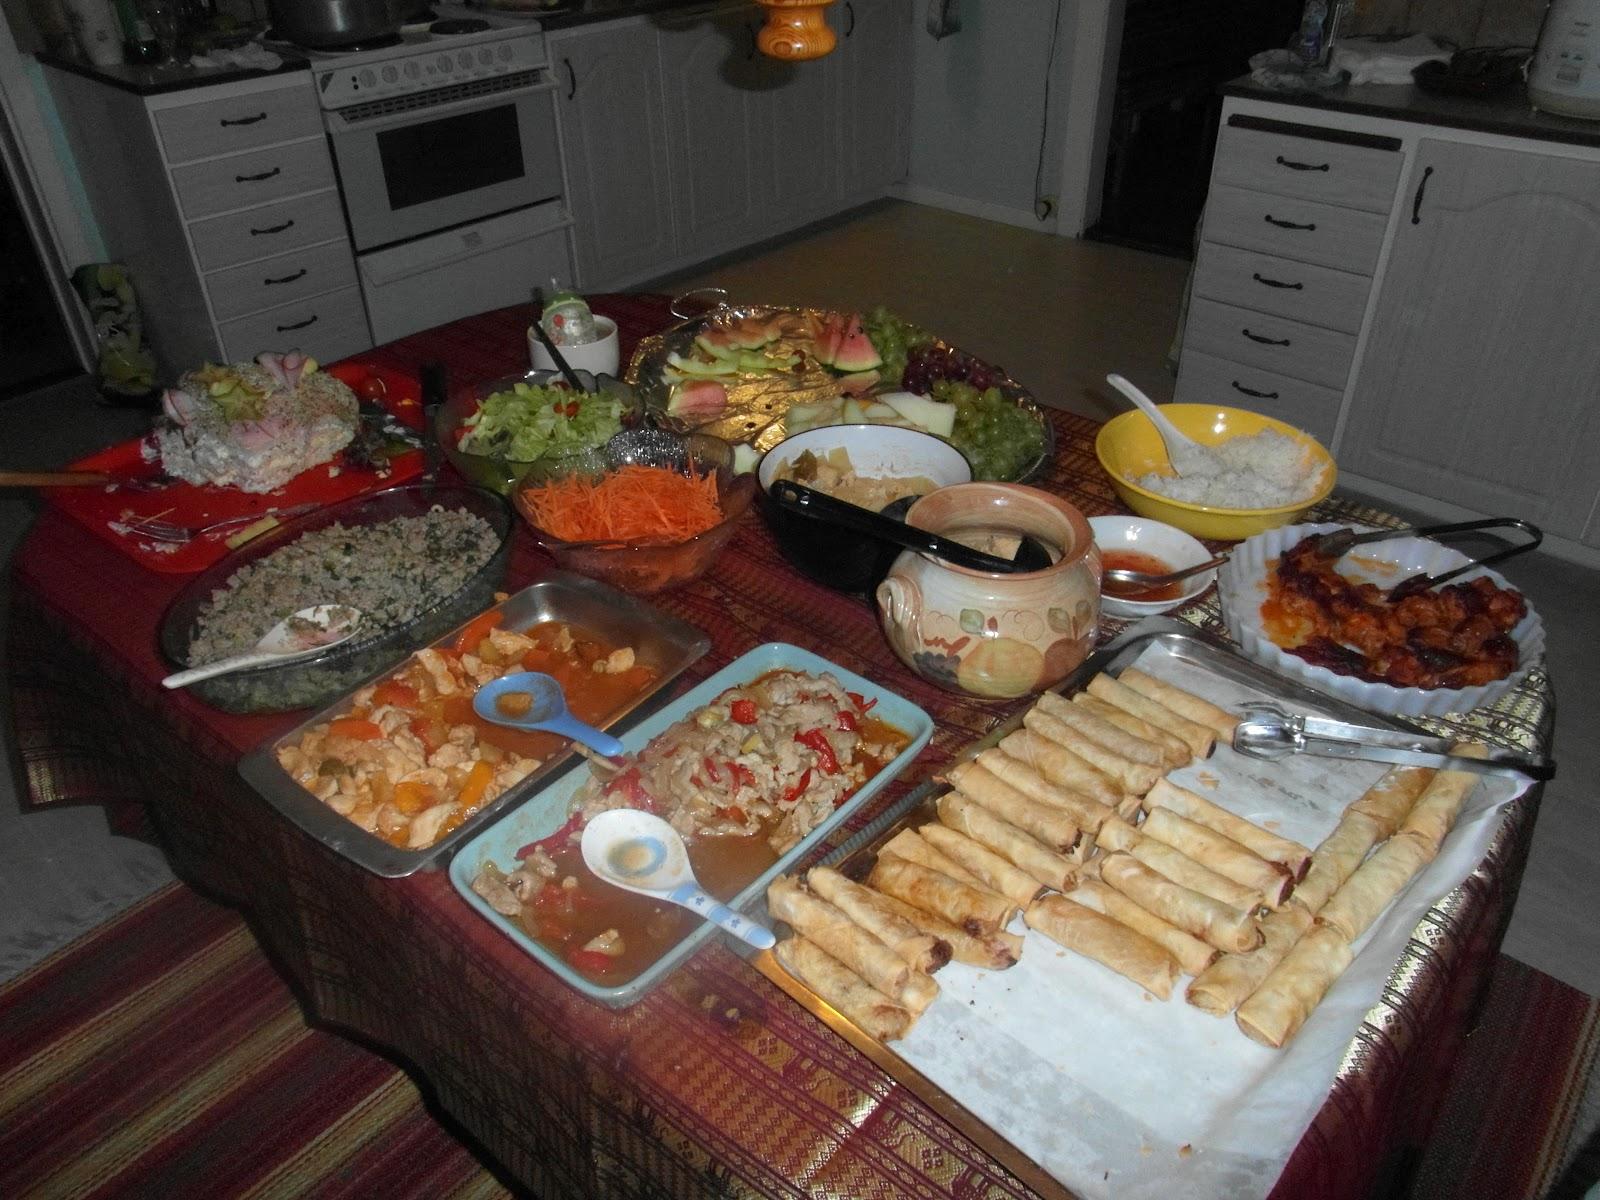 25 års fest mat Genom mitt fönster: 50 års fest 25 års fest mat